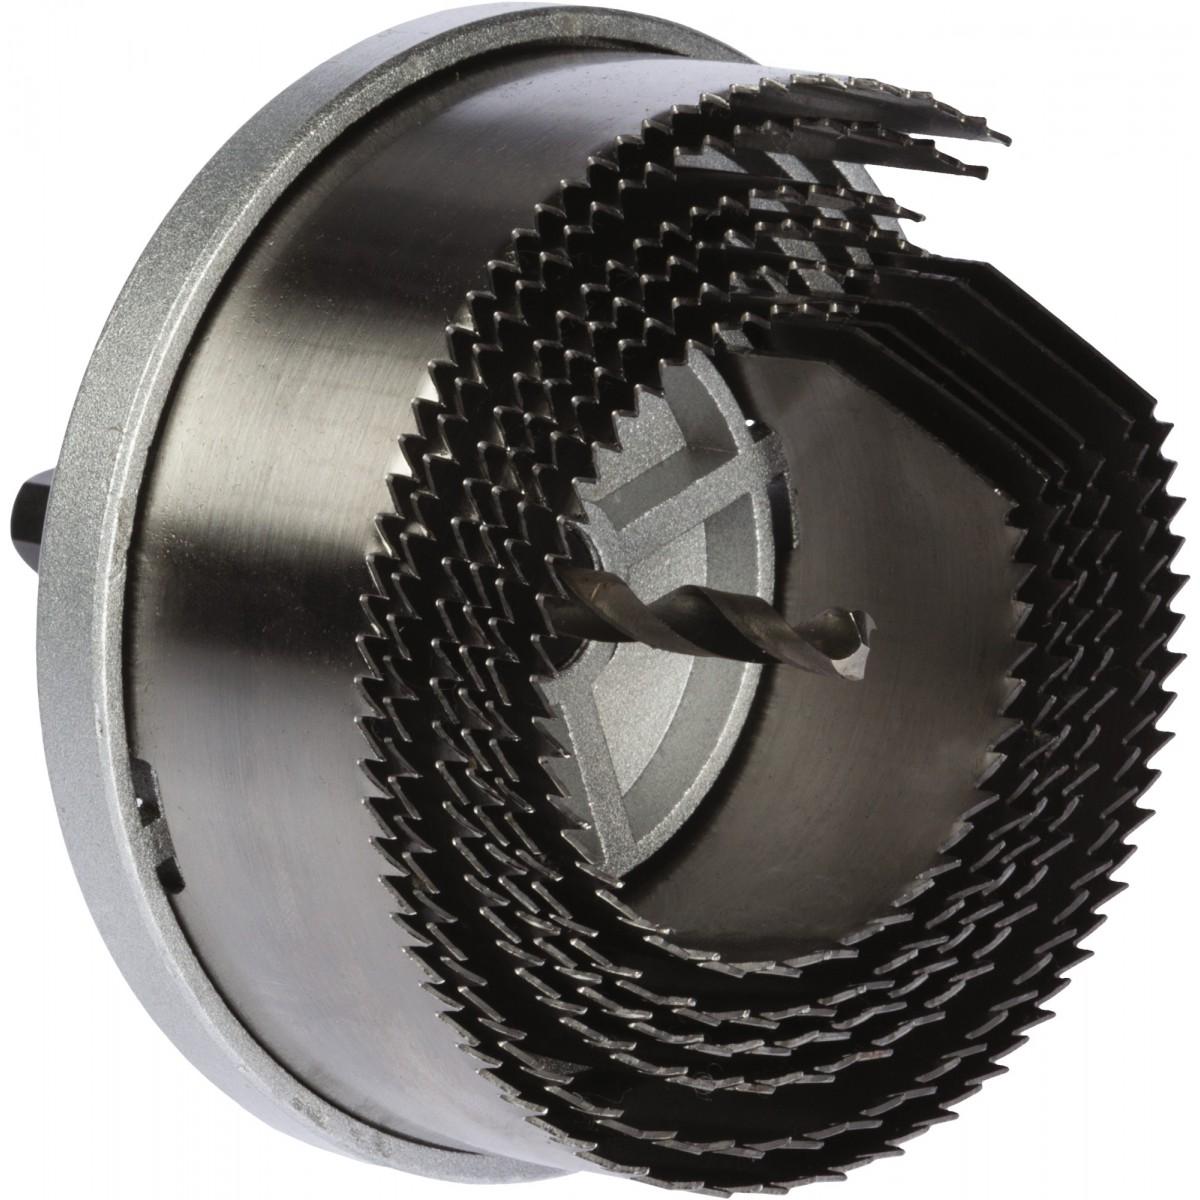 Scie cloche multilames acier SCID - Profondeur 38 mm - 5 lames